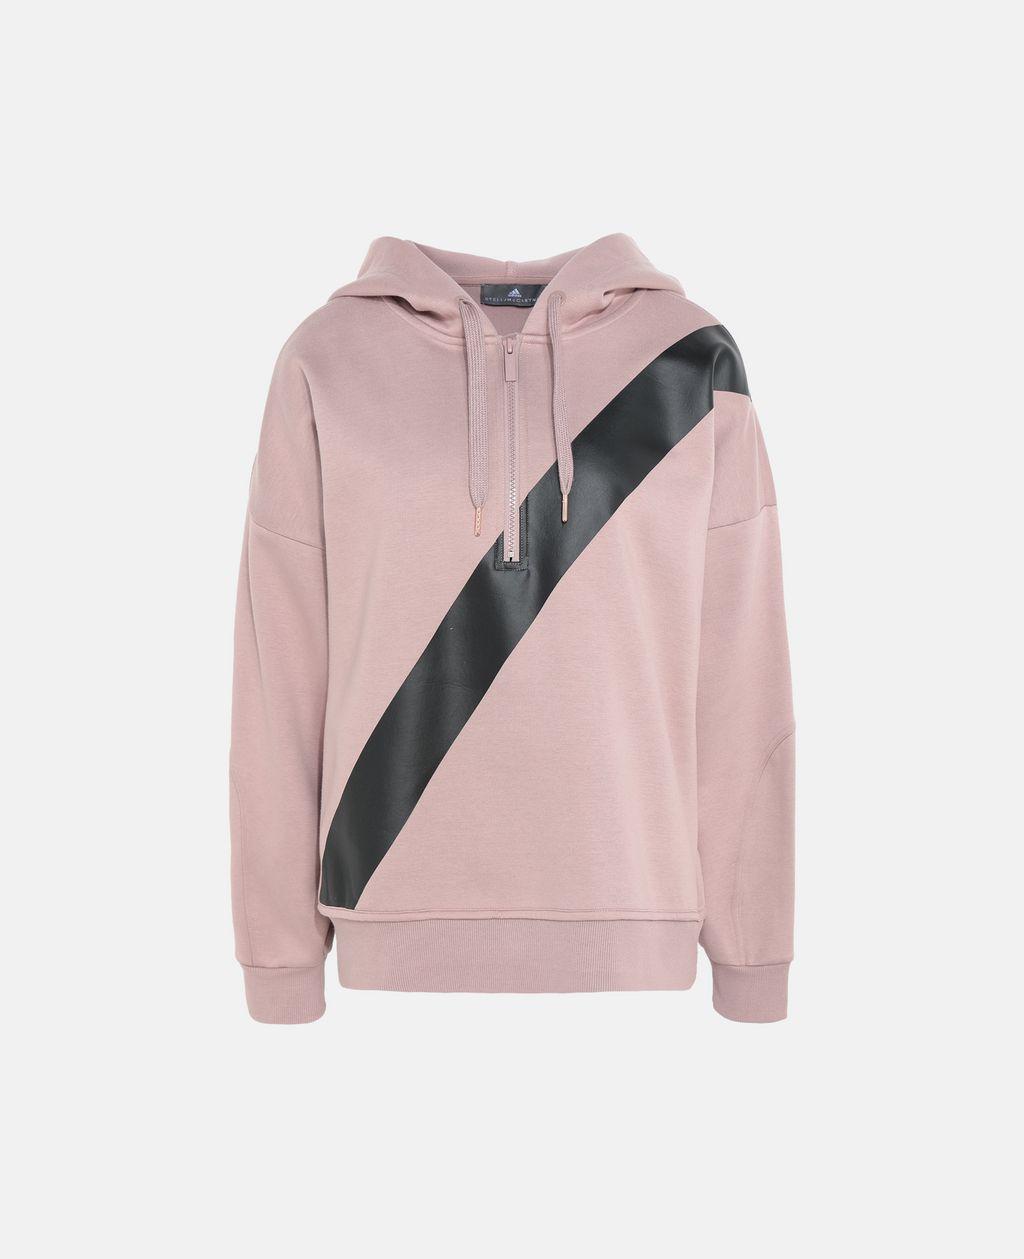 a88ea7039929 ADIDAS BY STELLA MCCARTNEY. Adidas By Stella Mccartney Running Topwear in  Pink